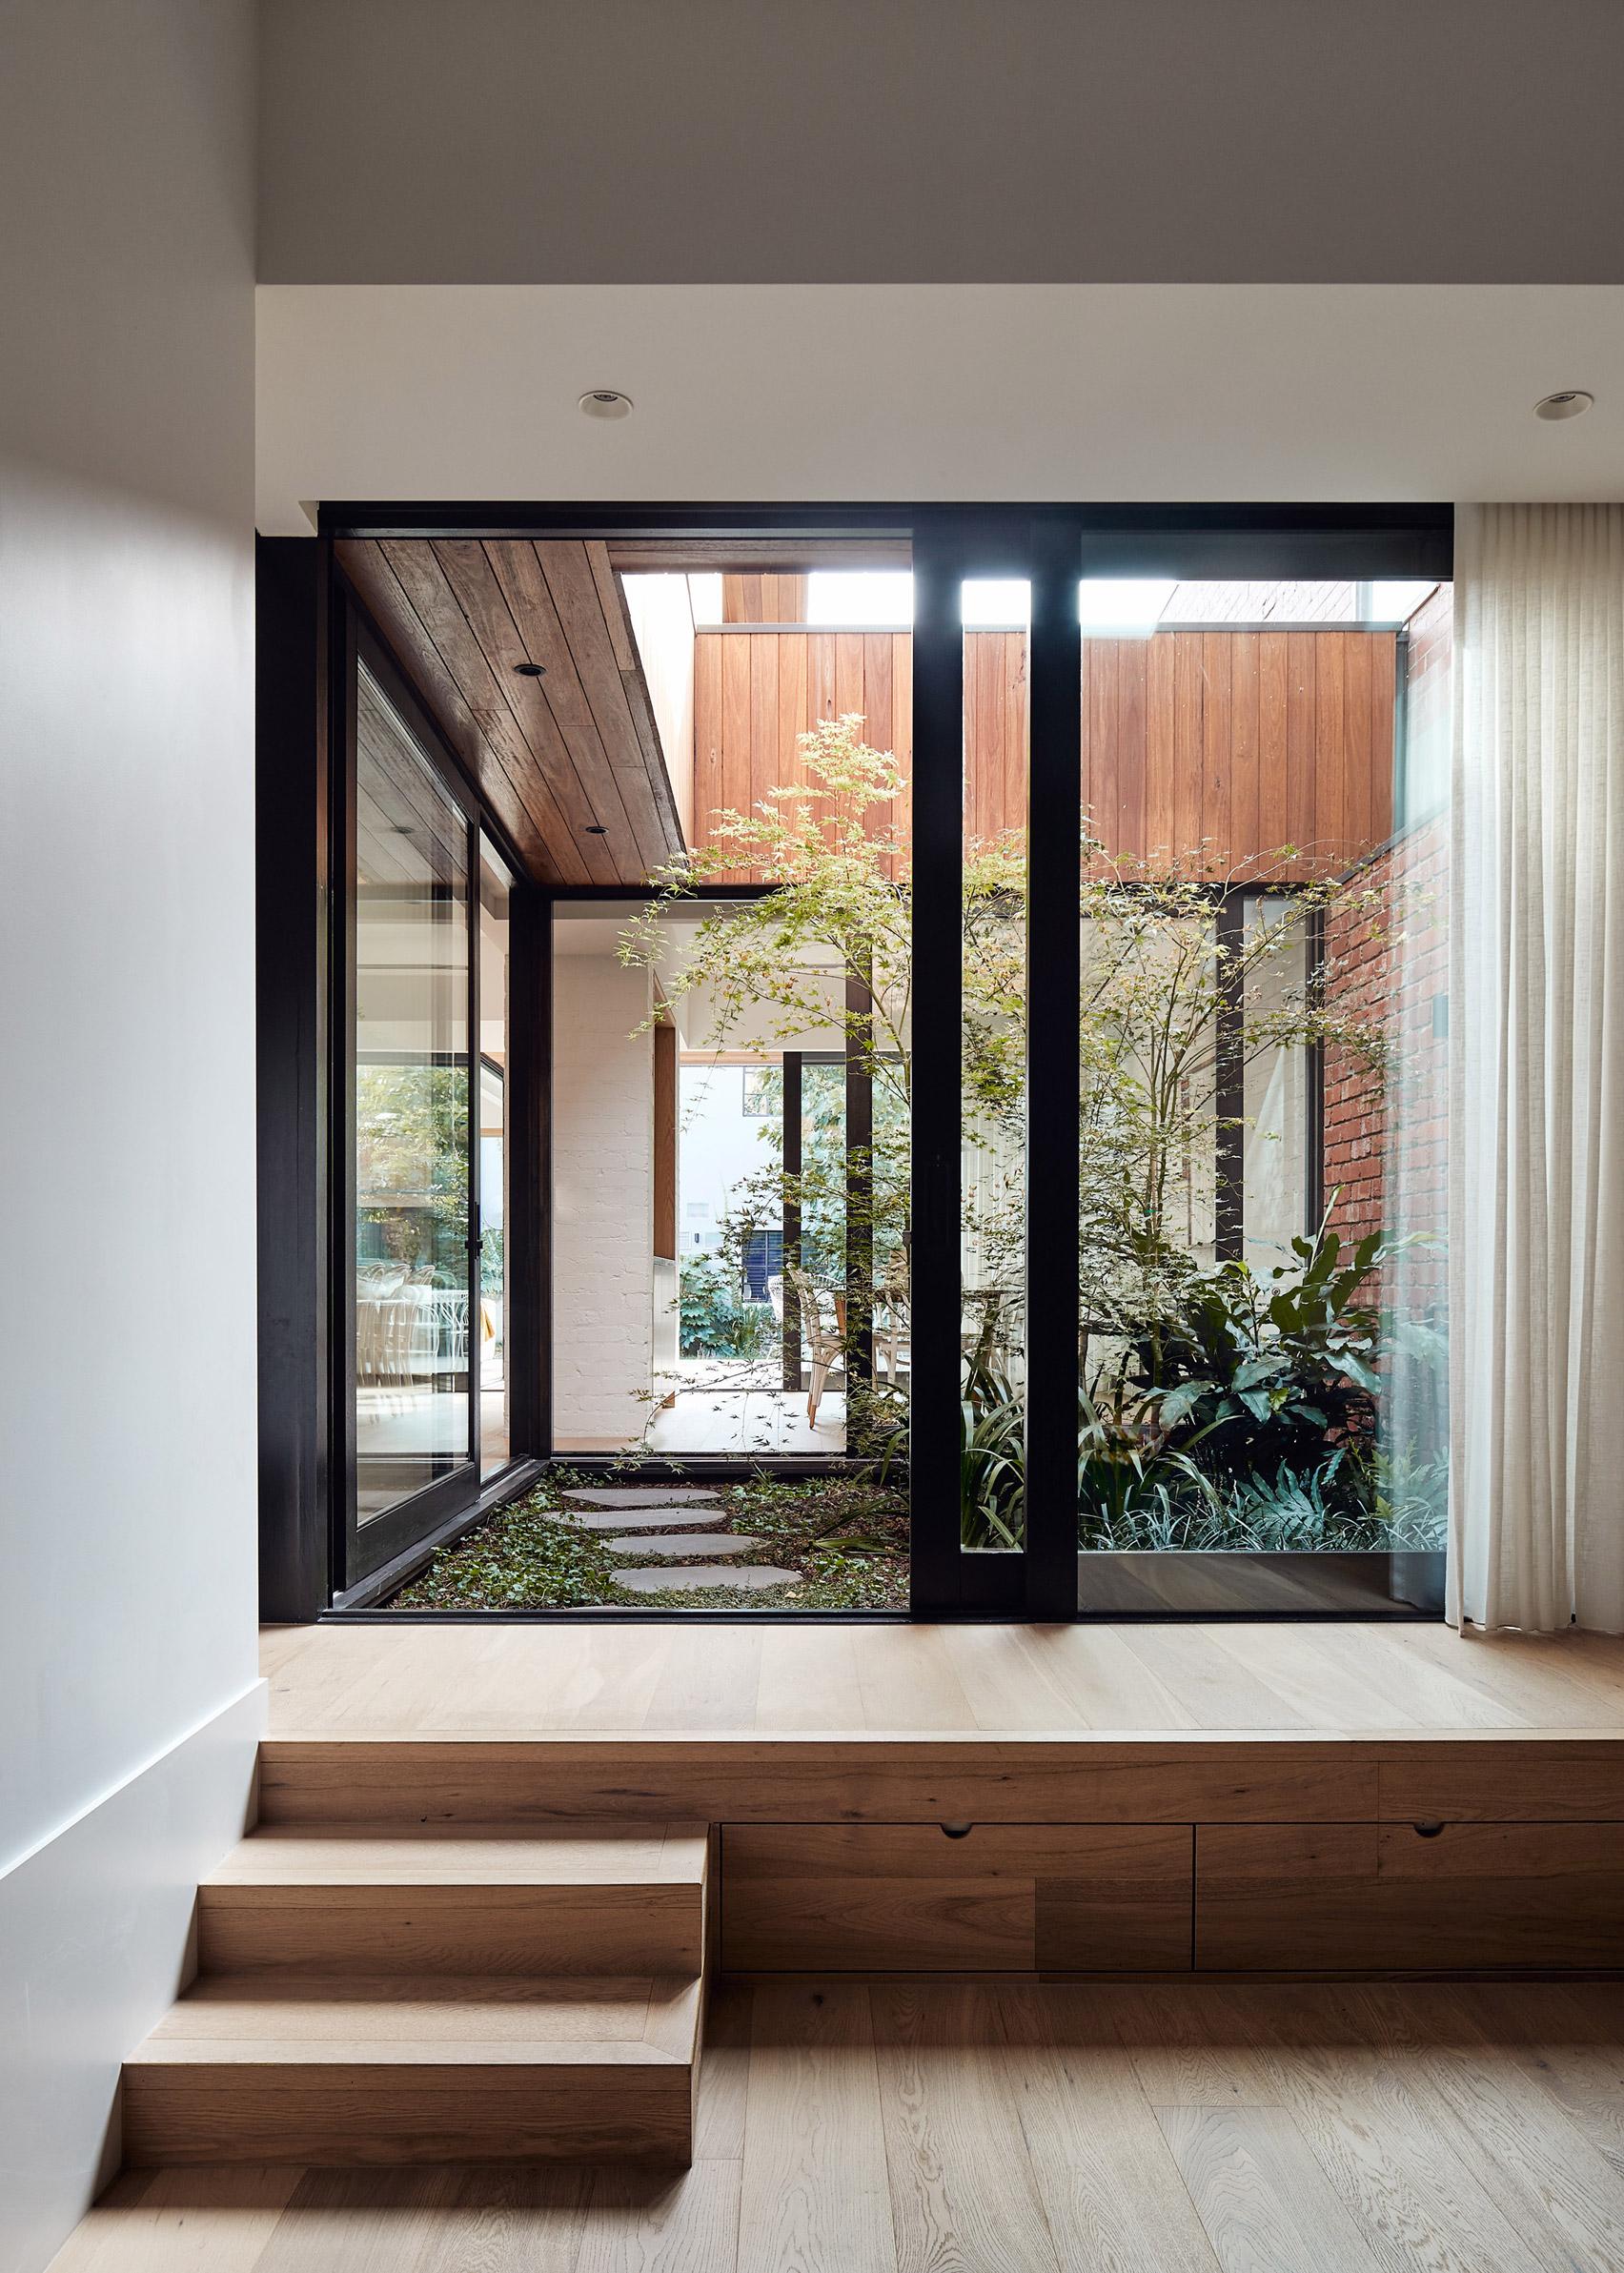 Thiết kế nội thất căn hộ đẹp 6